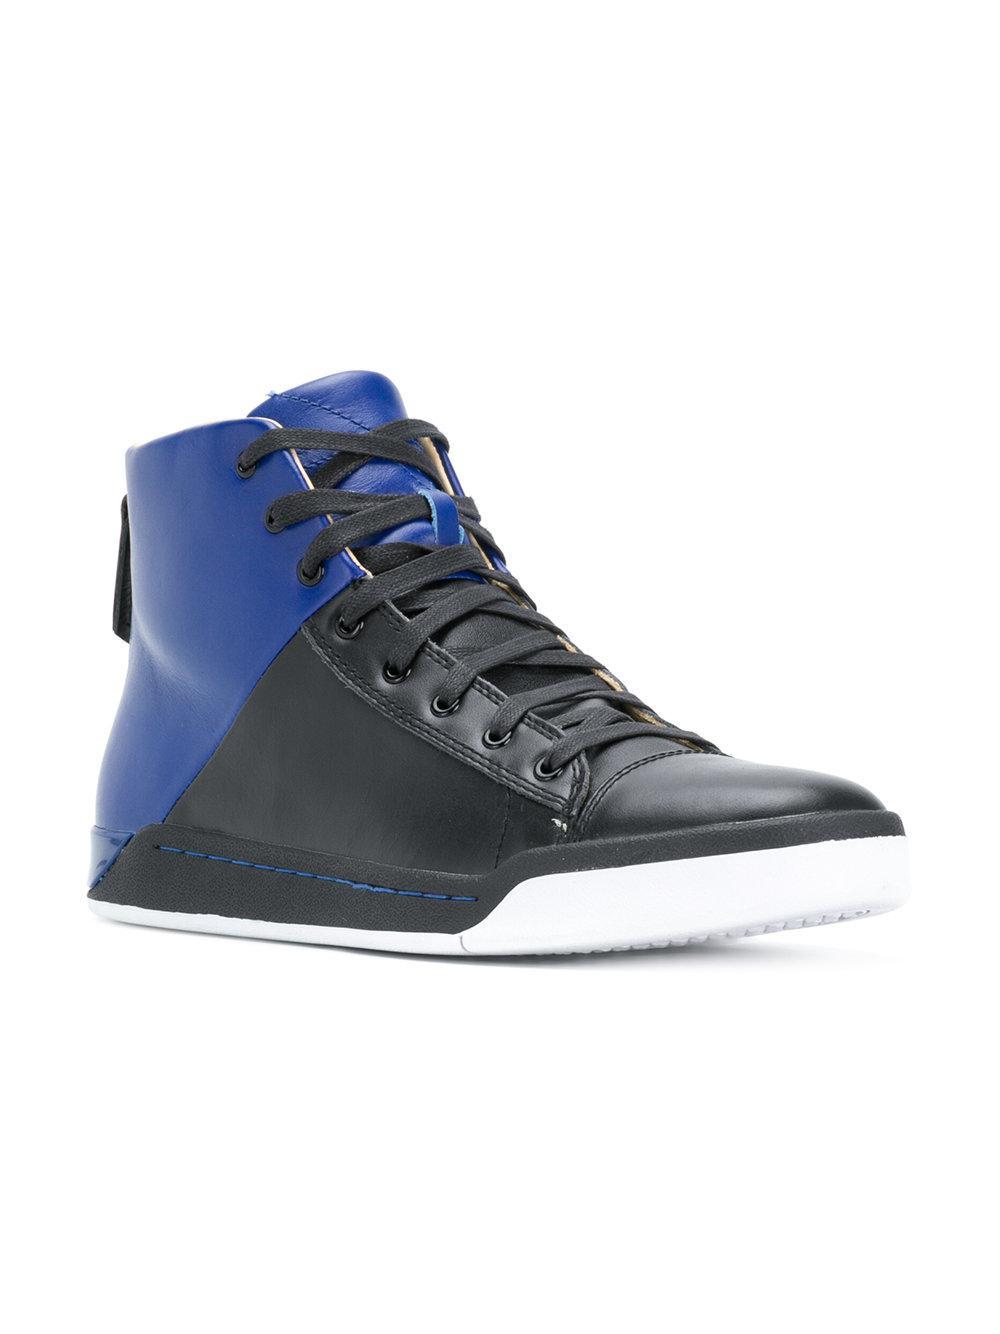 Diesel two-tone hi-top sneakers sale fake 7sJIFQHF